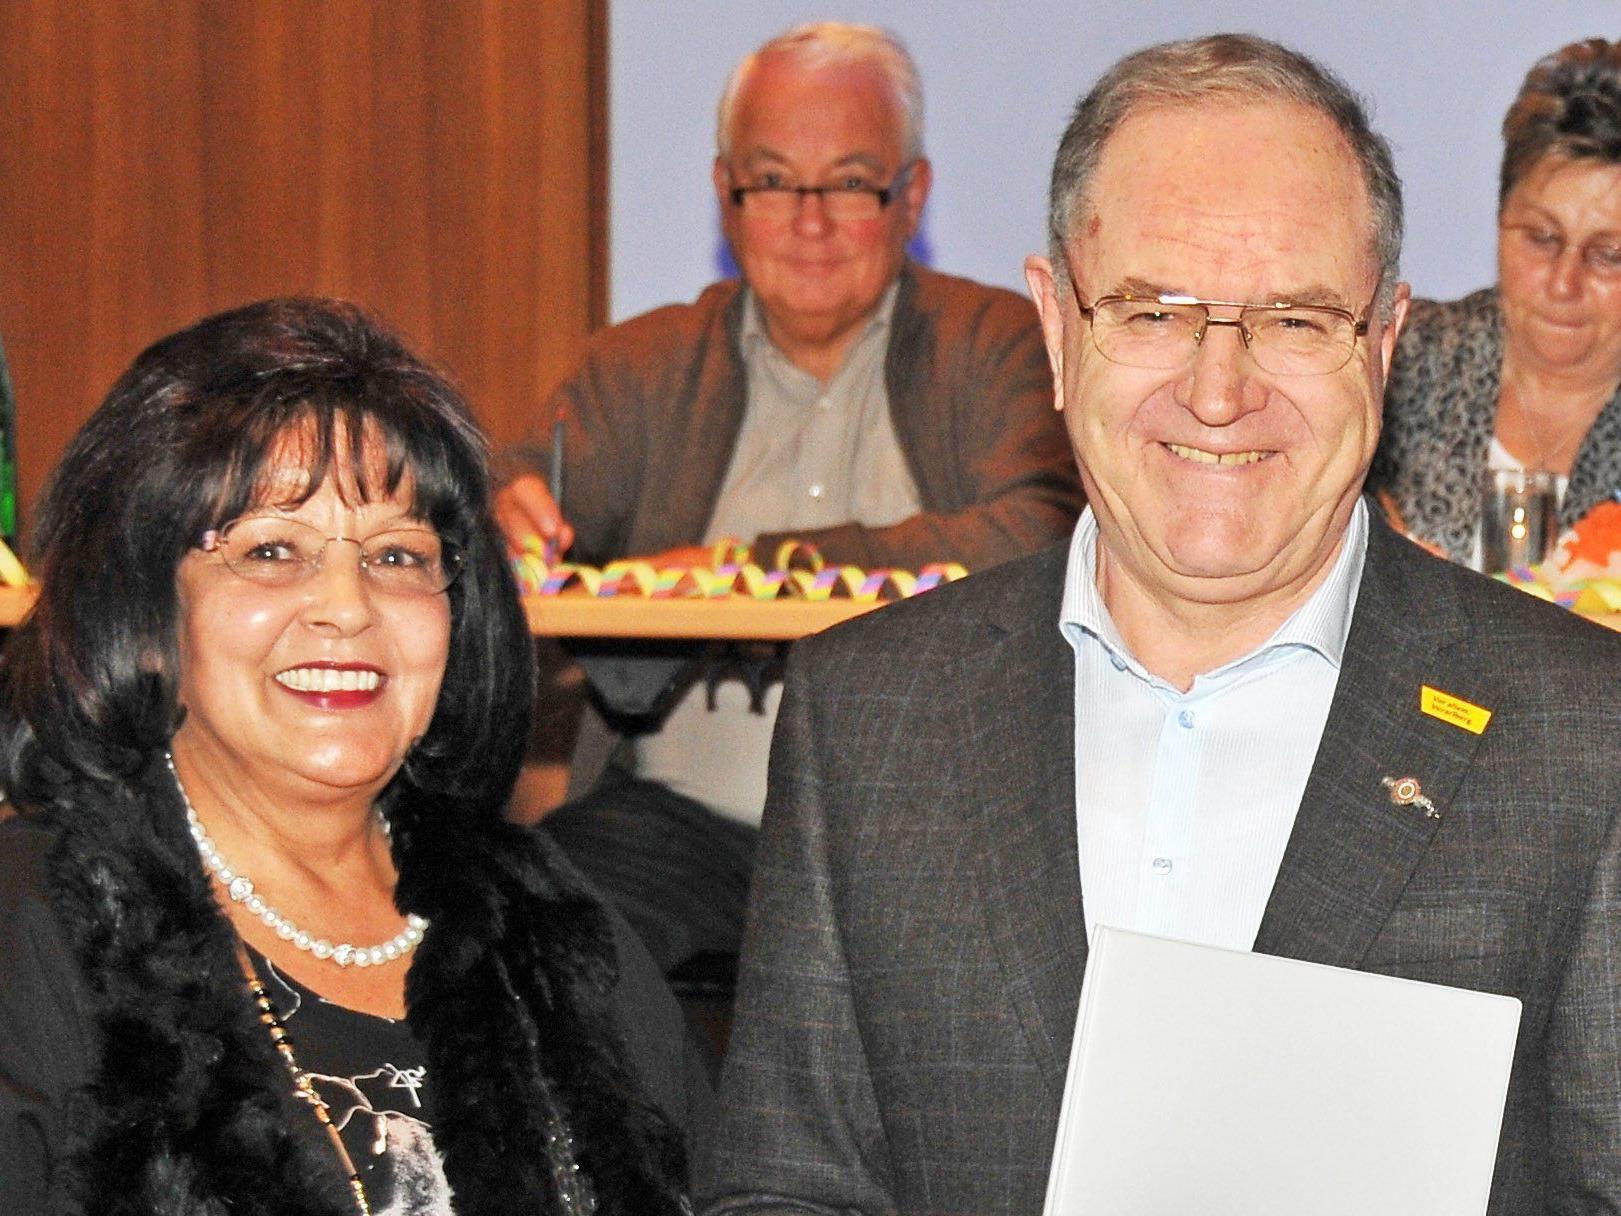 Bezirksobfrau Karin Rezniczek und Obmann Werner Schmid